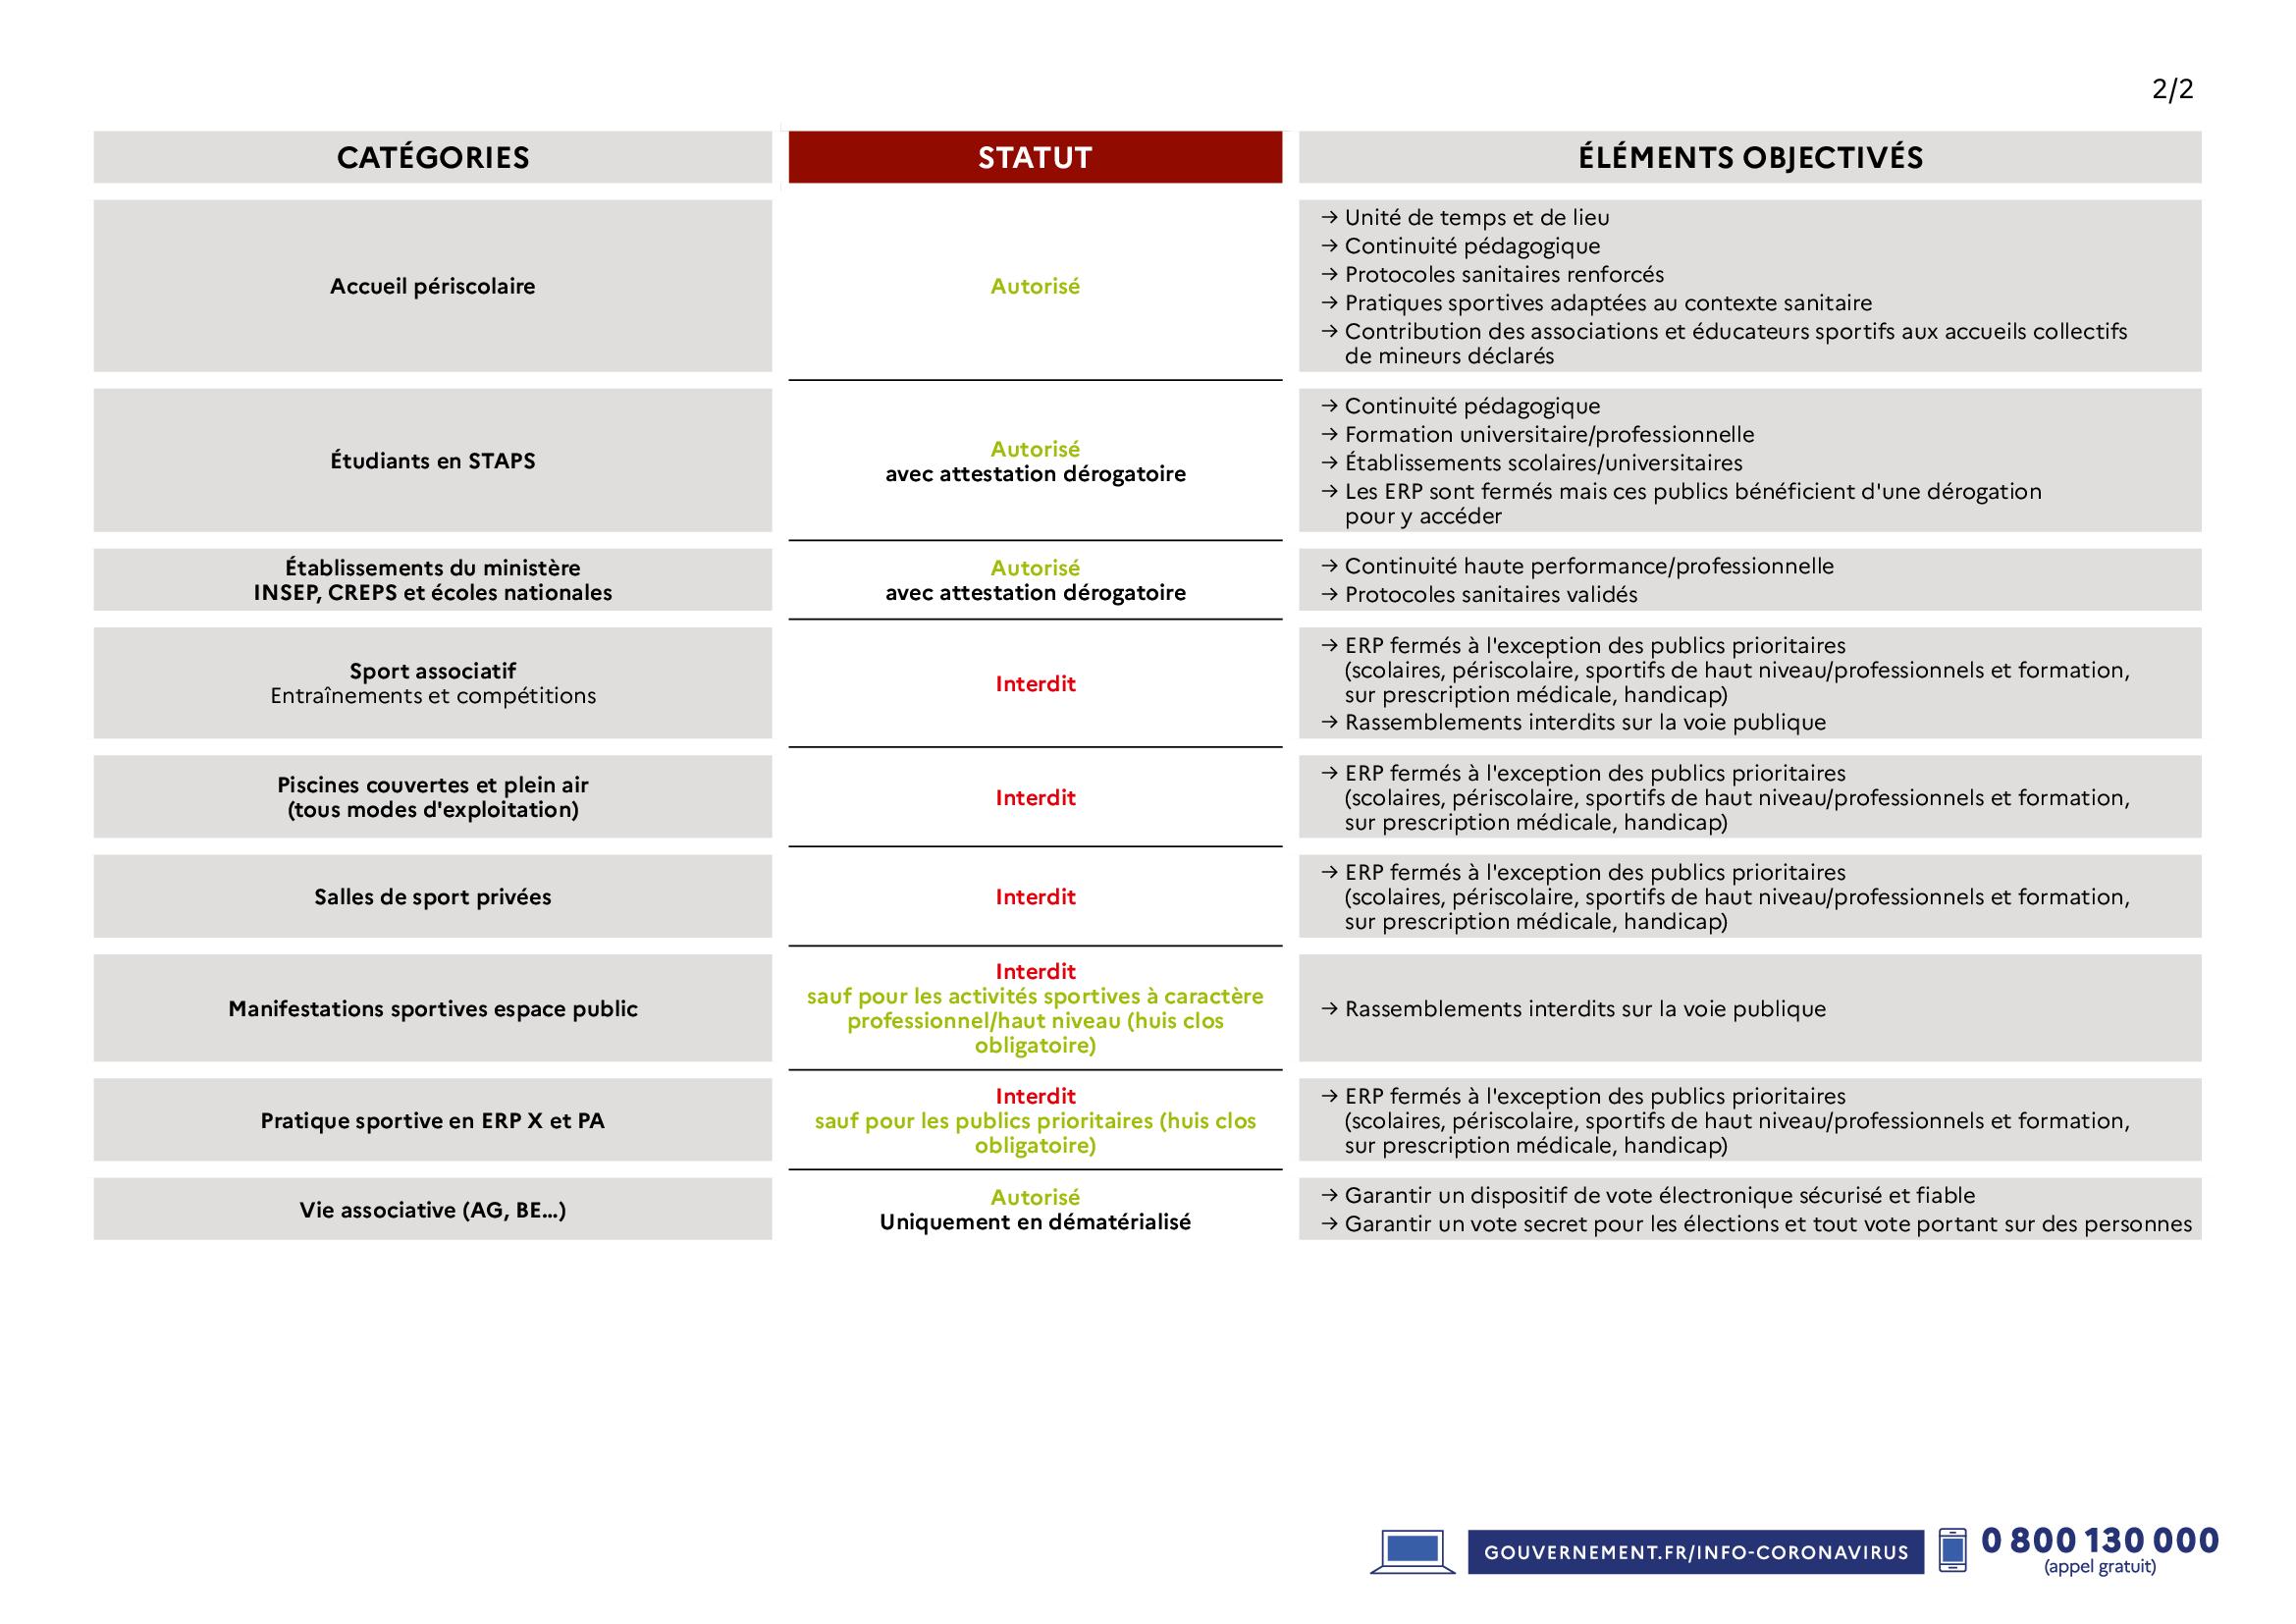 COVID-19 : nouvelles mesures sanitaires concernant les activités sportives relayées par le Ministère des sports.